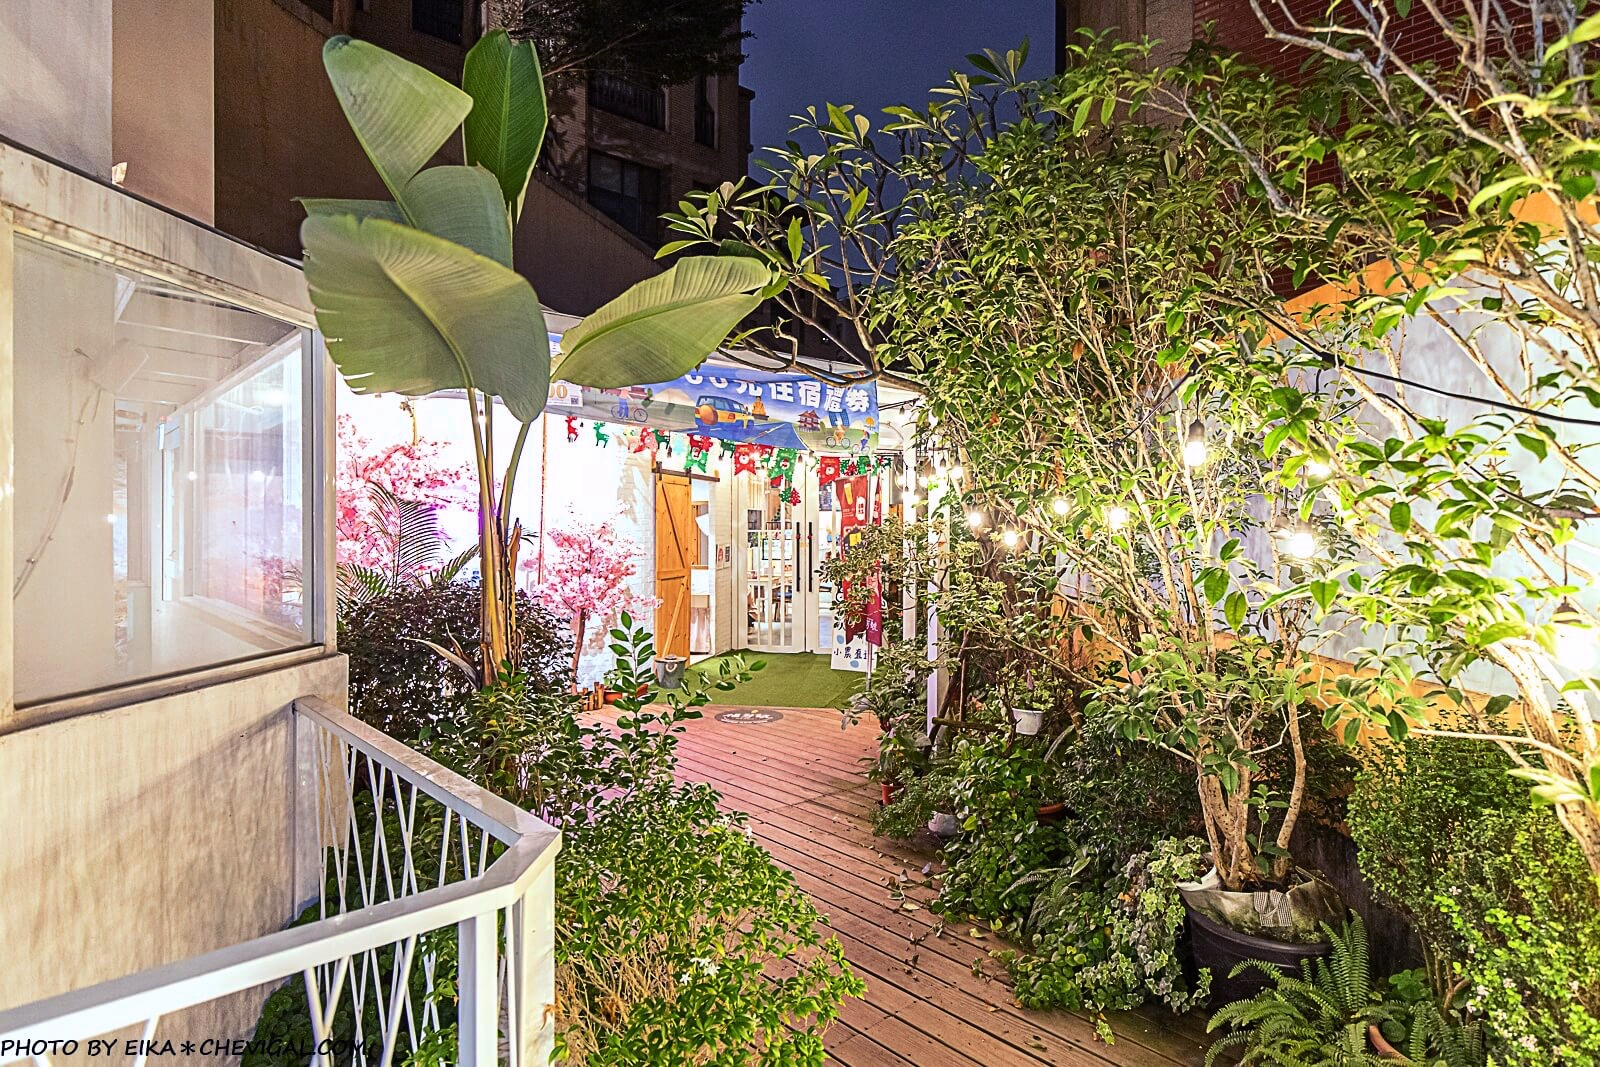 20201228190714 73 - 熱血採訪│台中秘境咖啡廳,綠意庭園搭配美麗燈泡好浪漫,還有麵食、披薩與炸物可以享用!